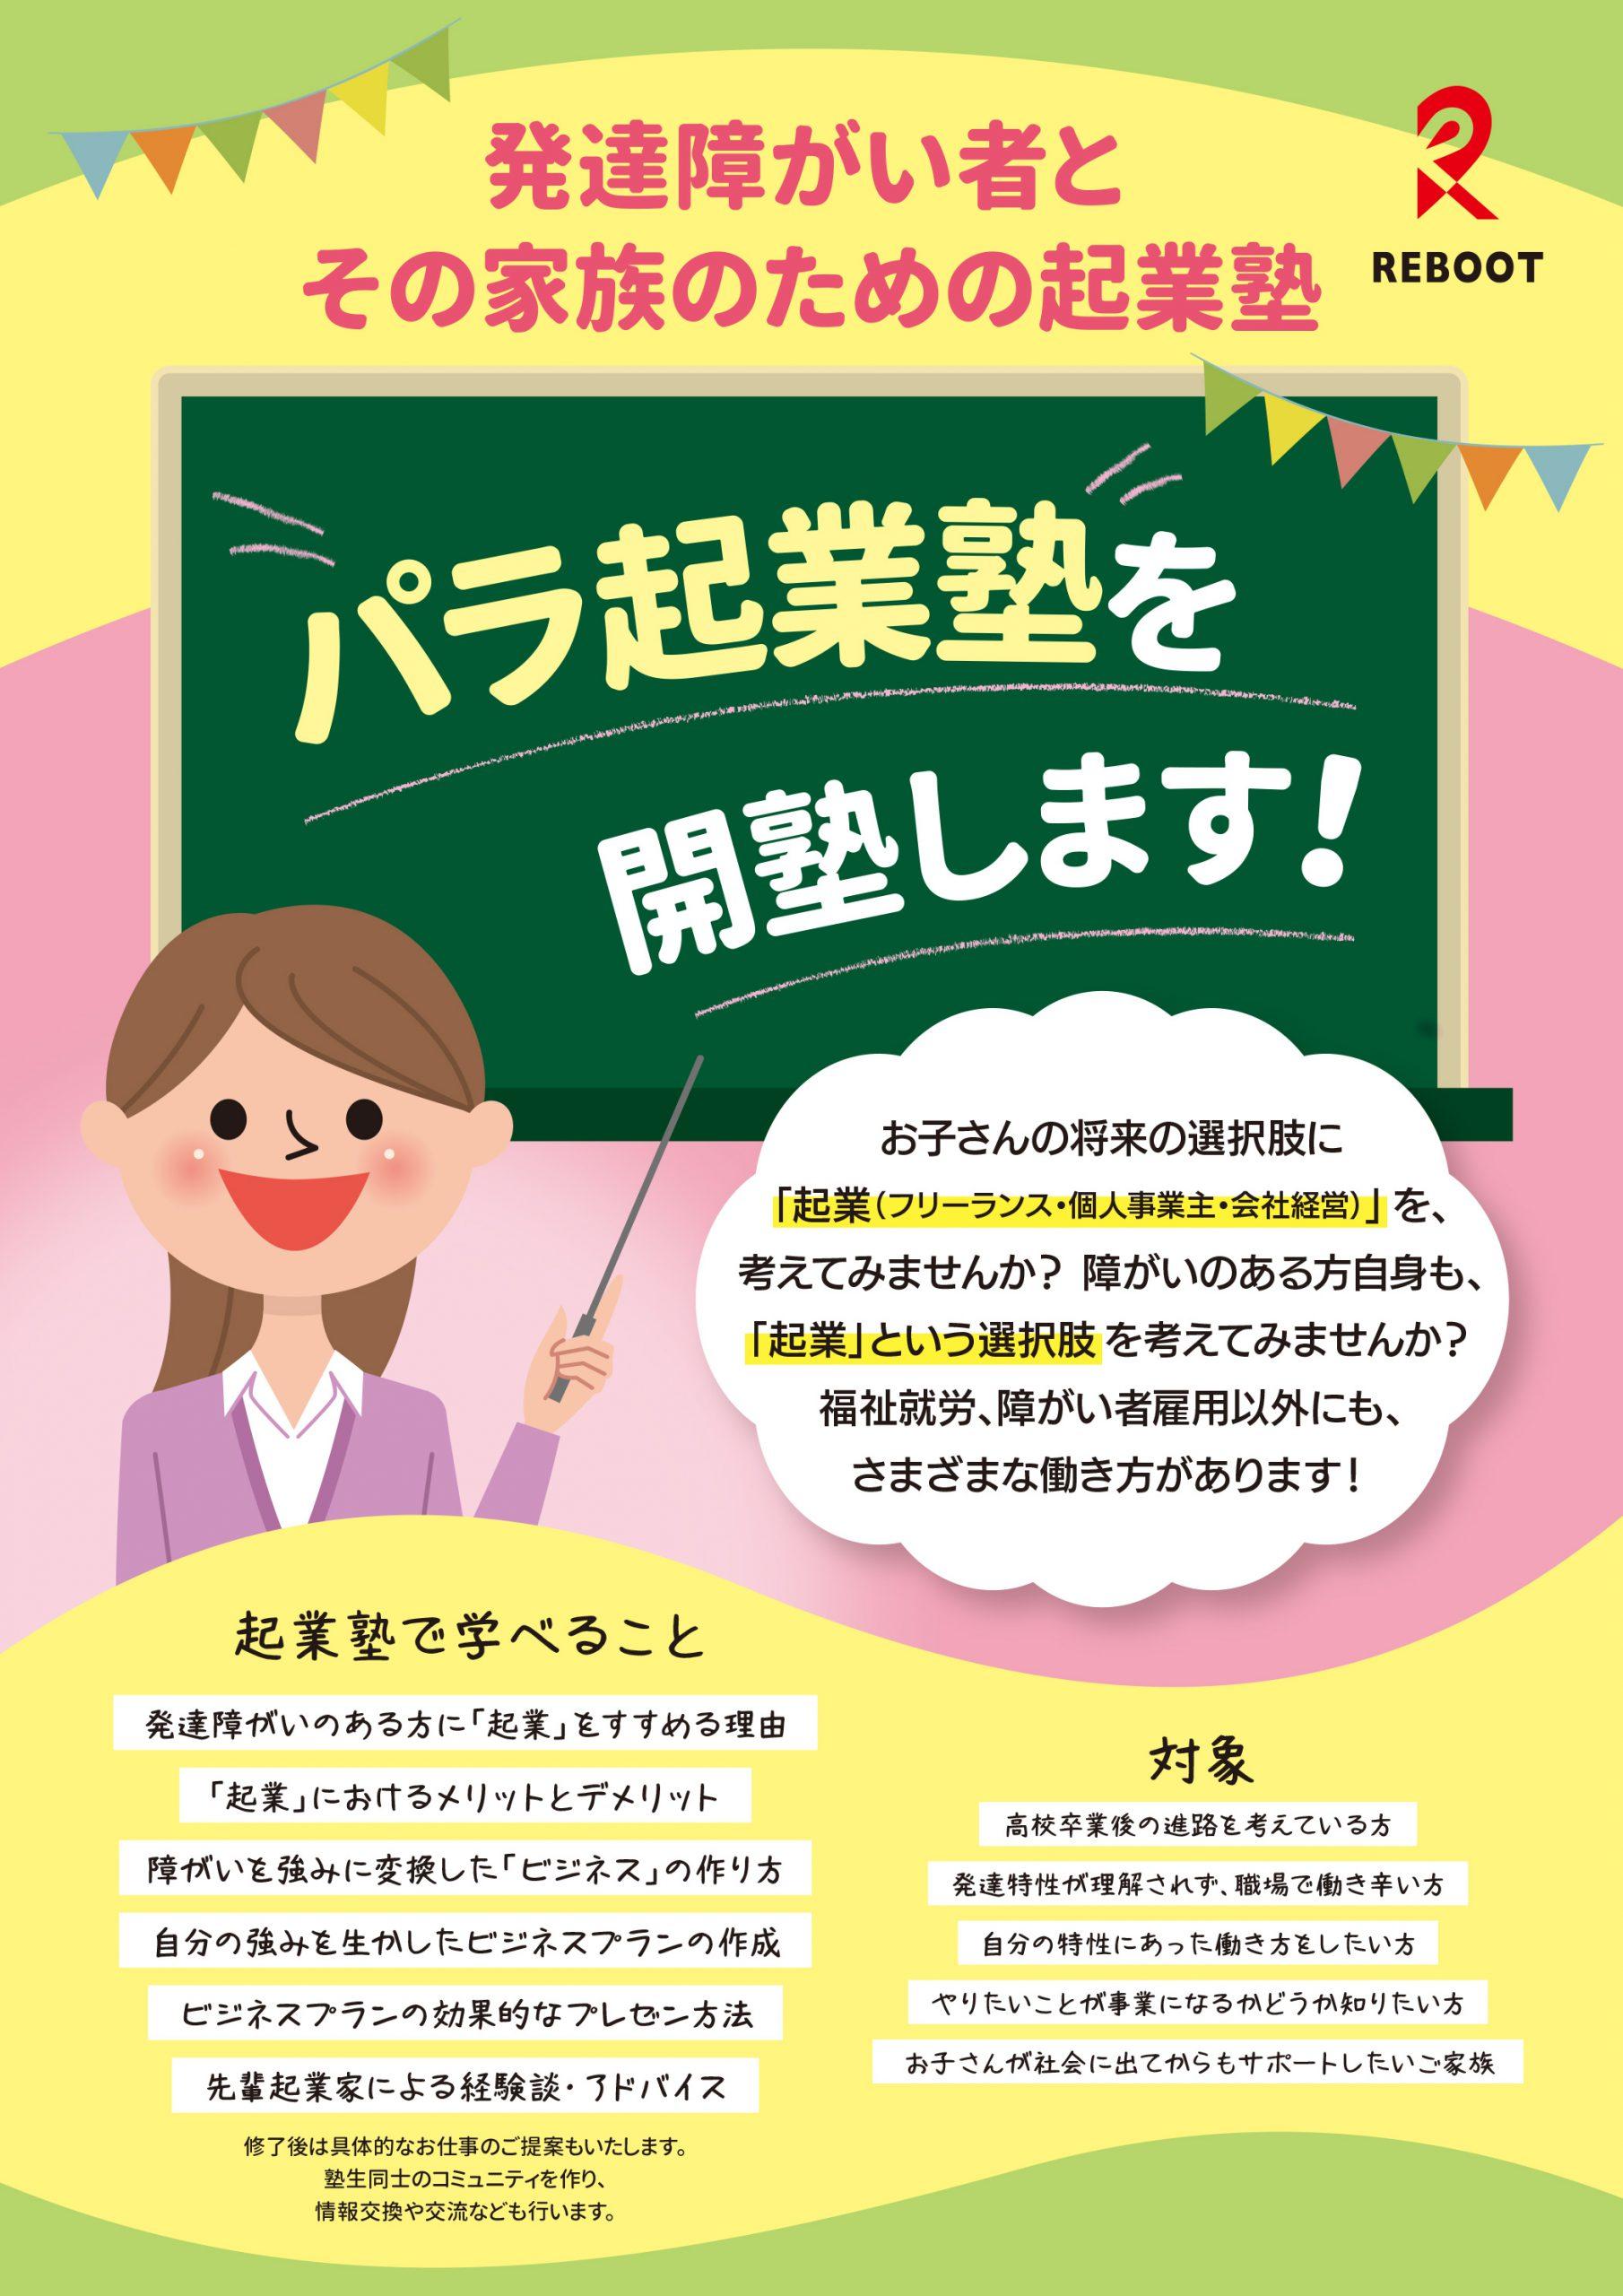 パラ起業塾|株式会社リブート様(大阪市東成区)